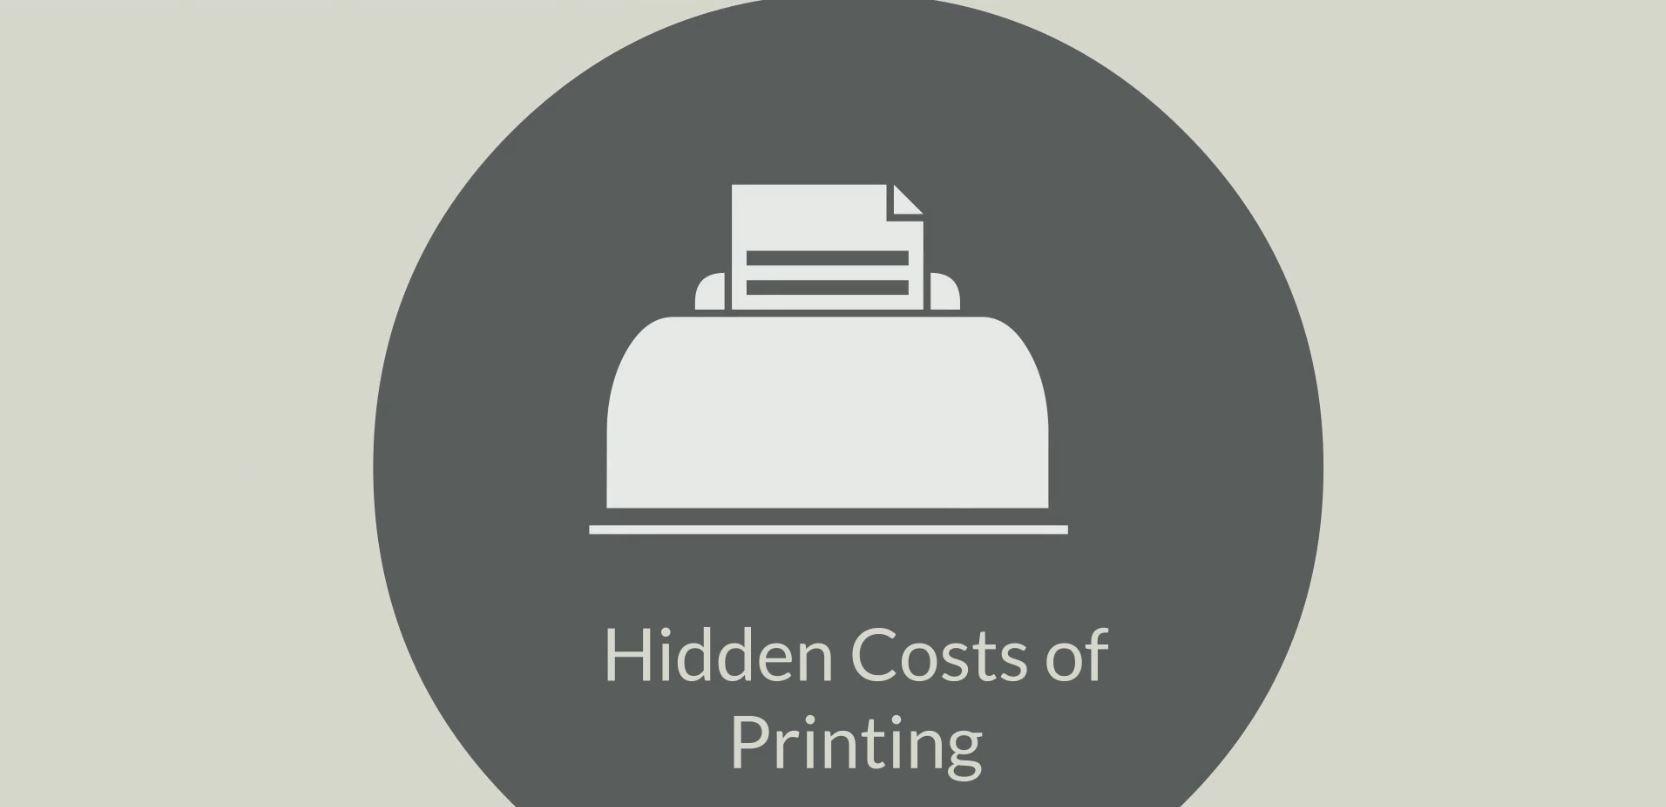 Hidden_Costs_of_Printing.jpg